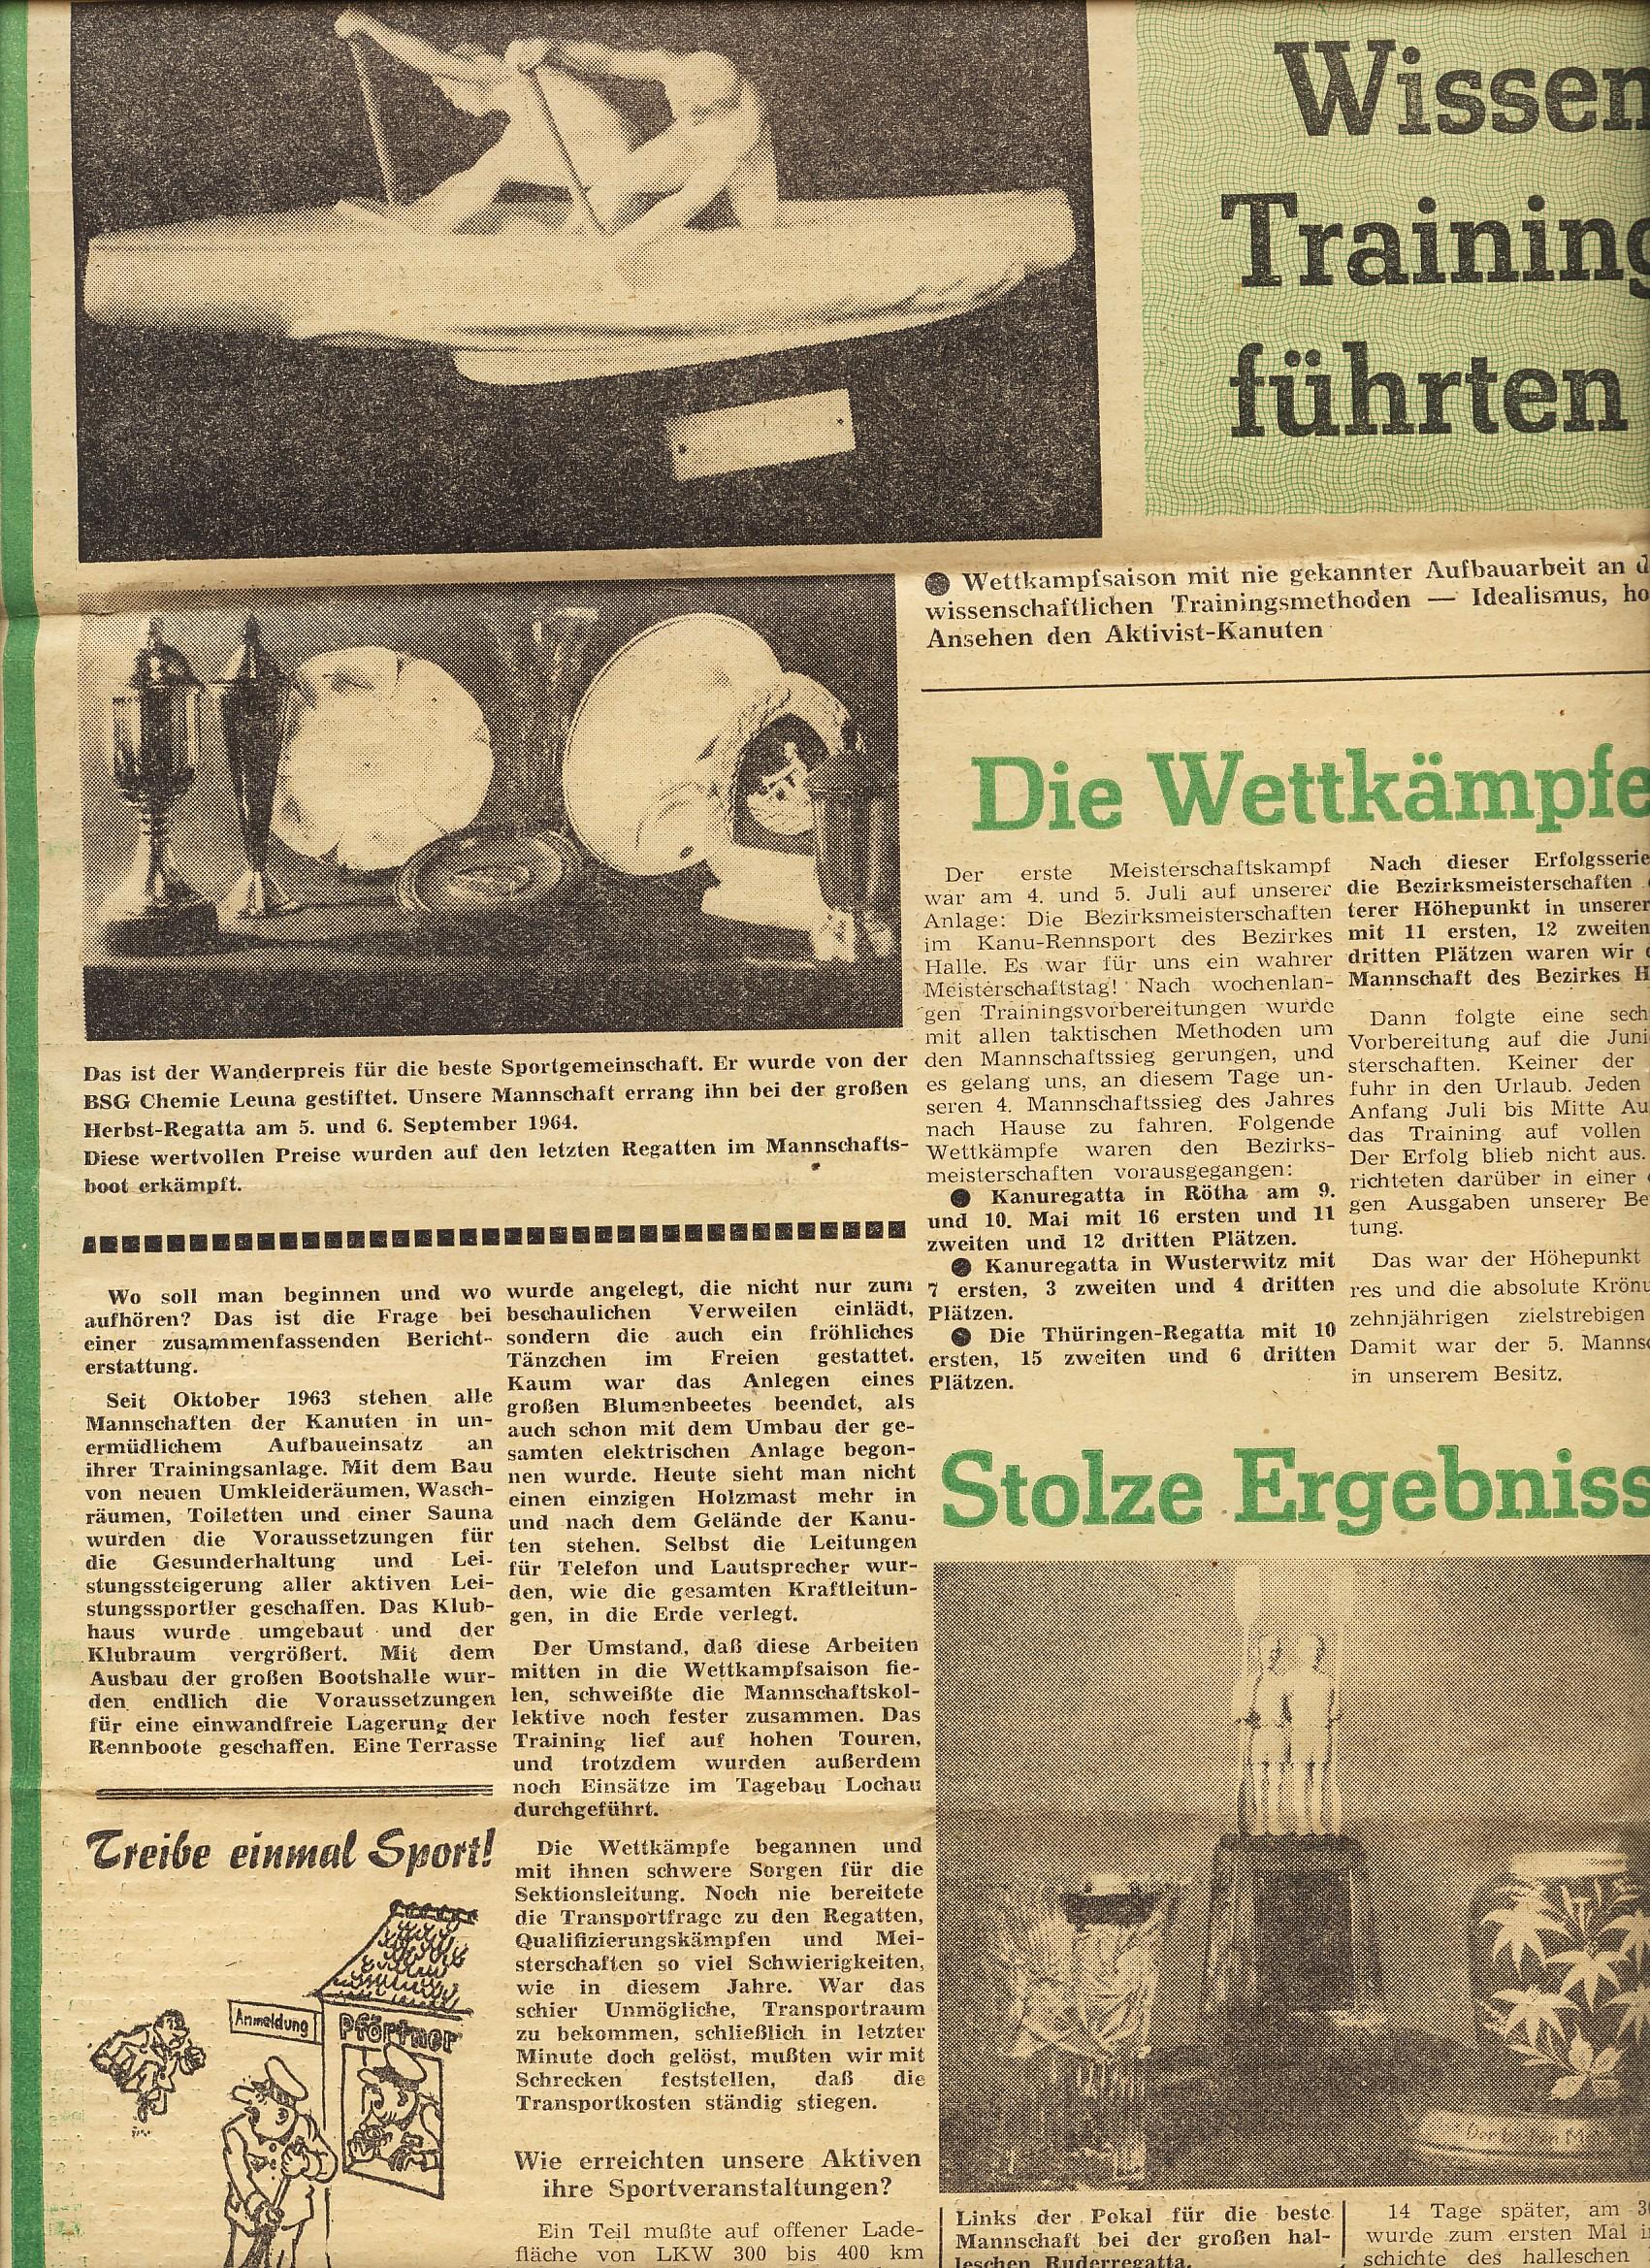 1964-10 Wissenschaftliche Trainingsmethoden führten zu Erfolgen (1)